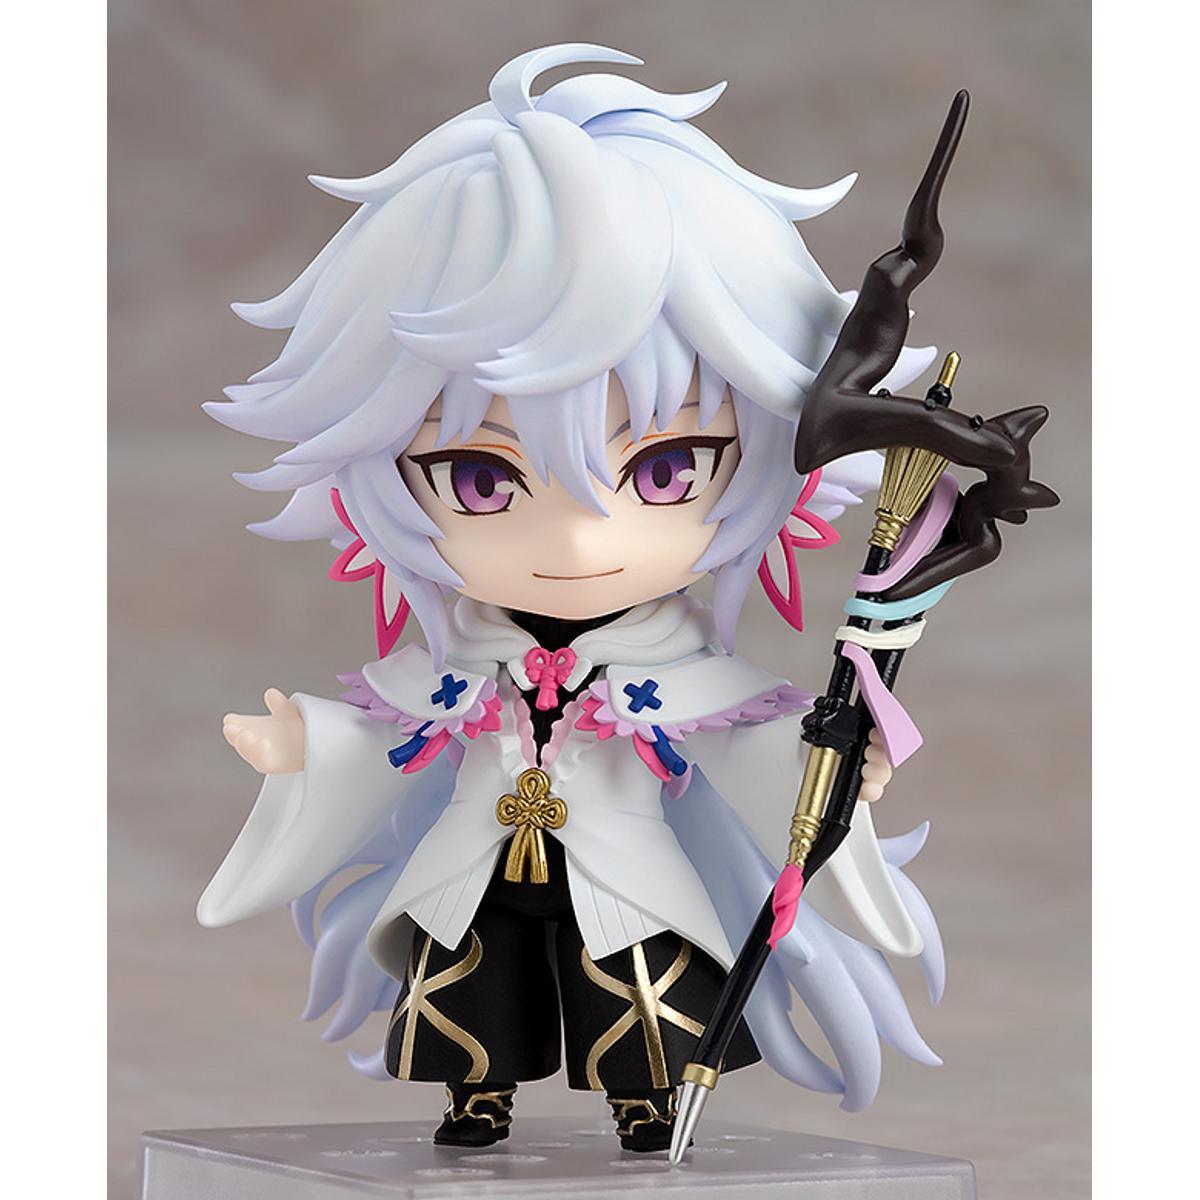 Nendoroid Caster/Merlin (Rerelease)